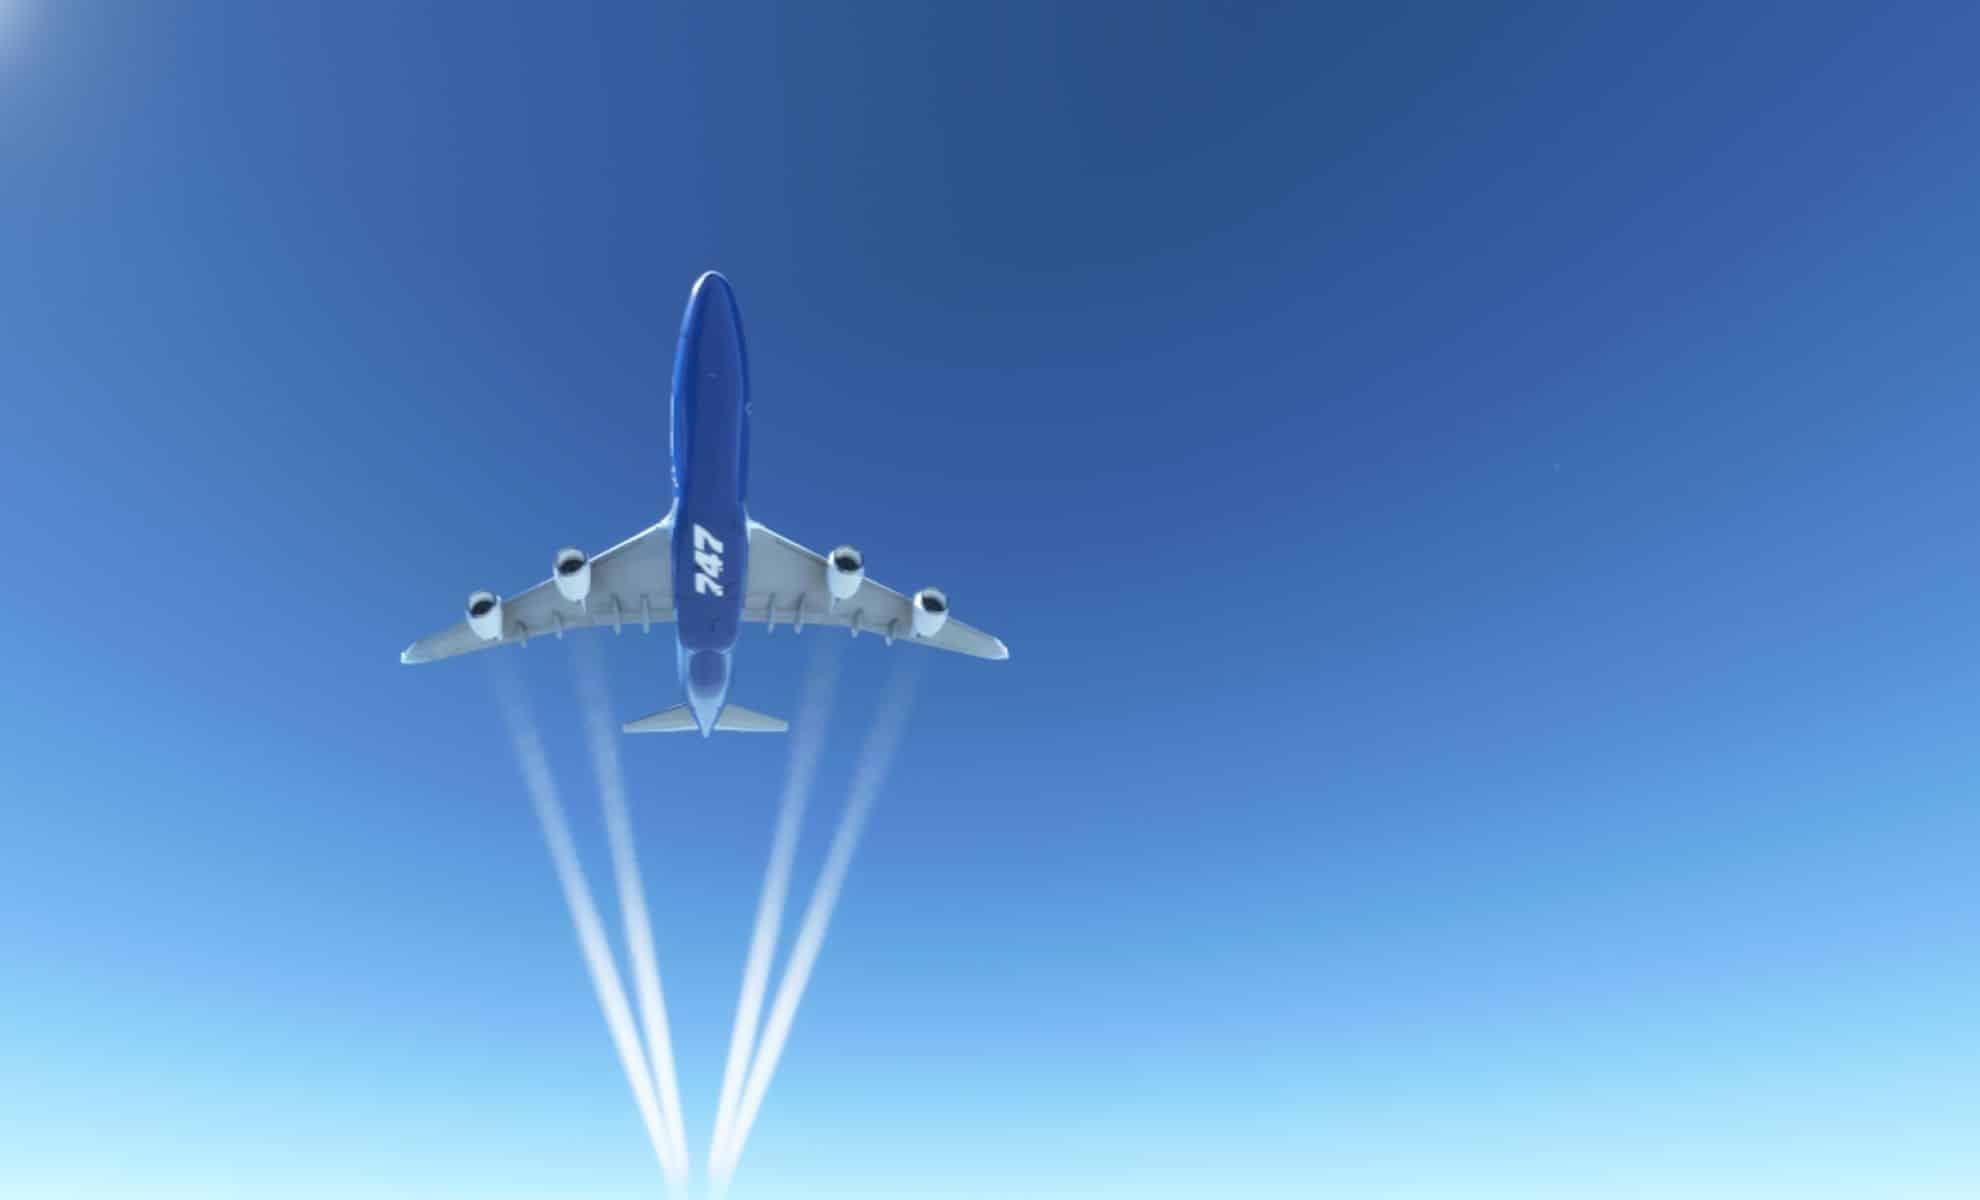 Vers la création de plusieurs nouvelles compagnies aériennes en Algérie